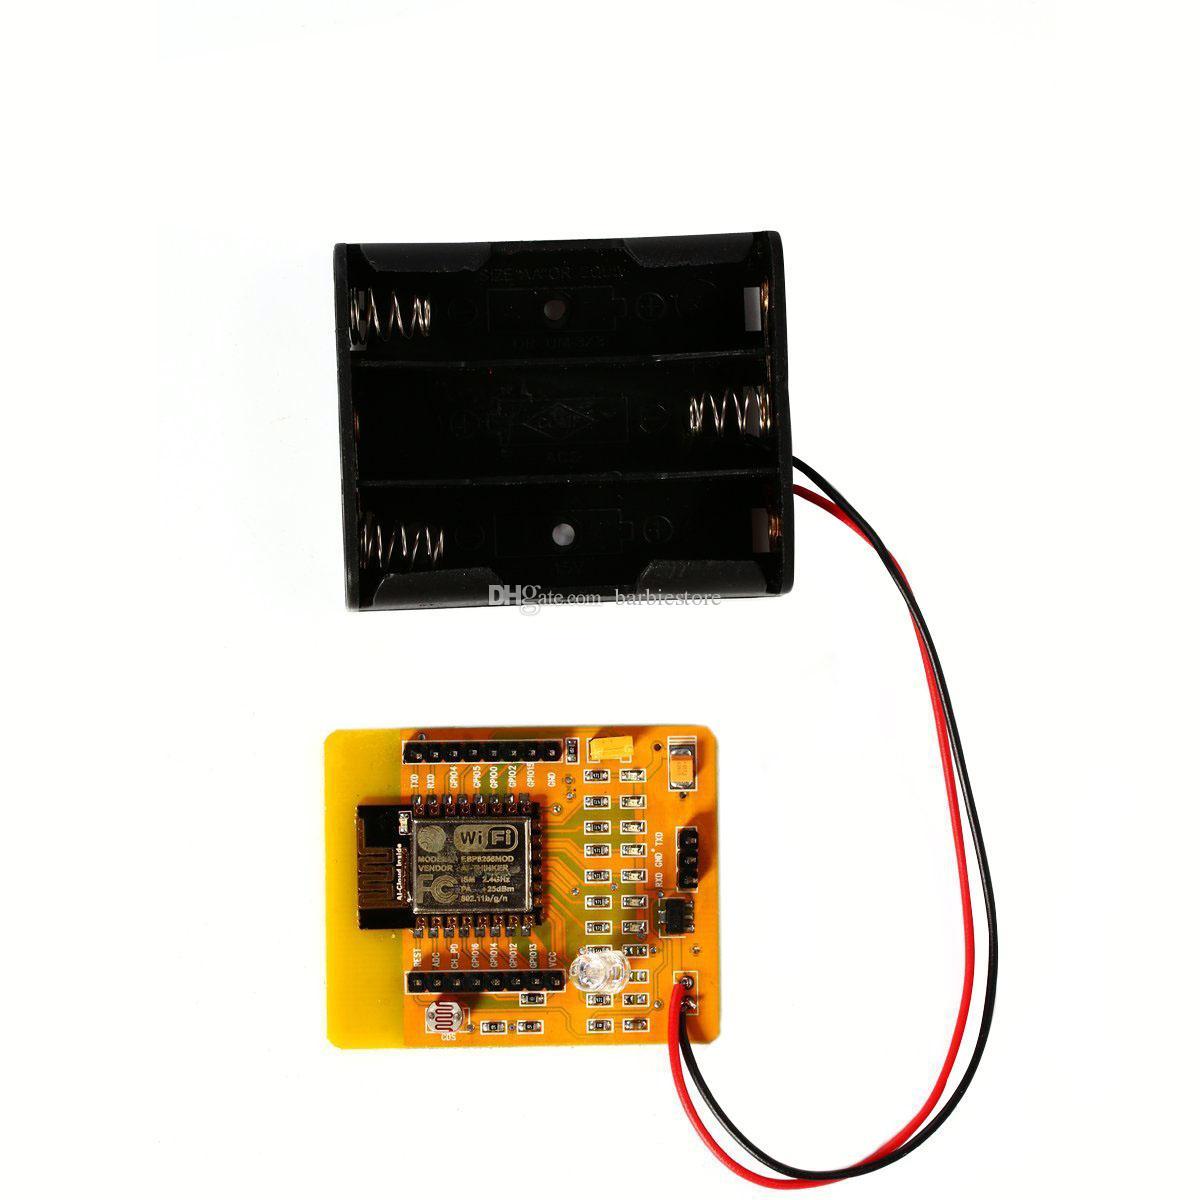 ESP8266 WIFI Serielle Entwicklungstafel Test Drahtlose Platine Voll IO Leads B00304